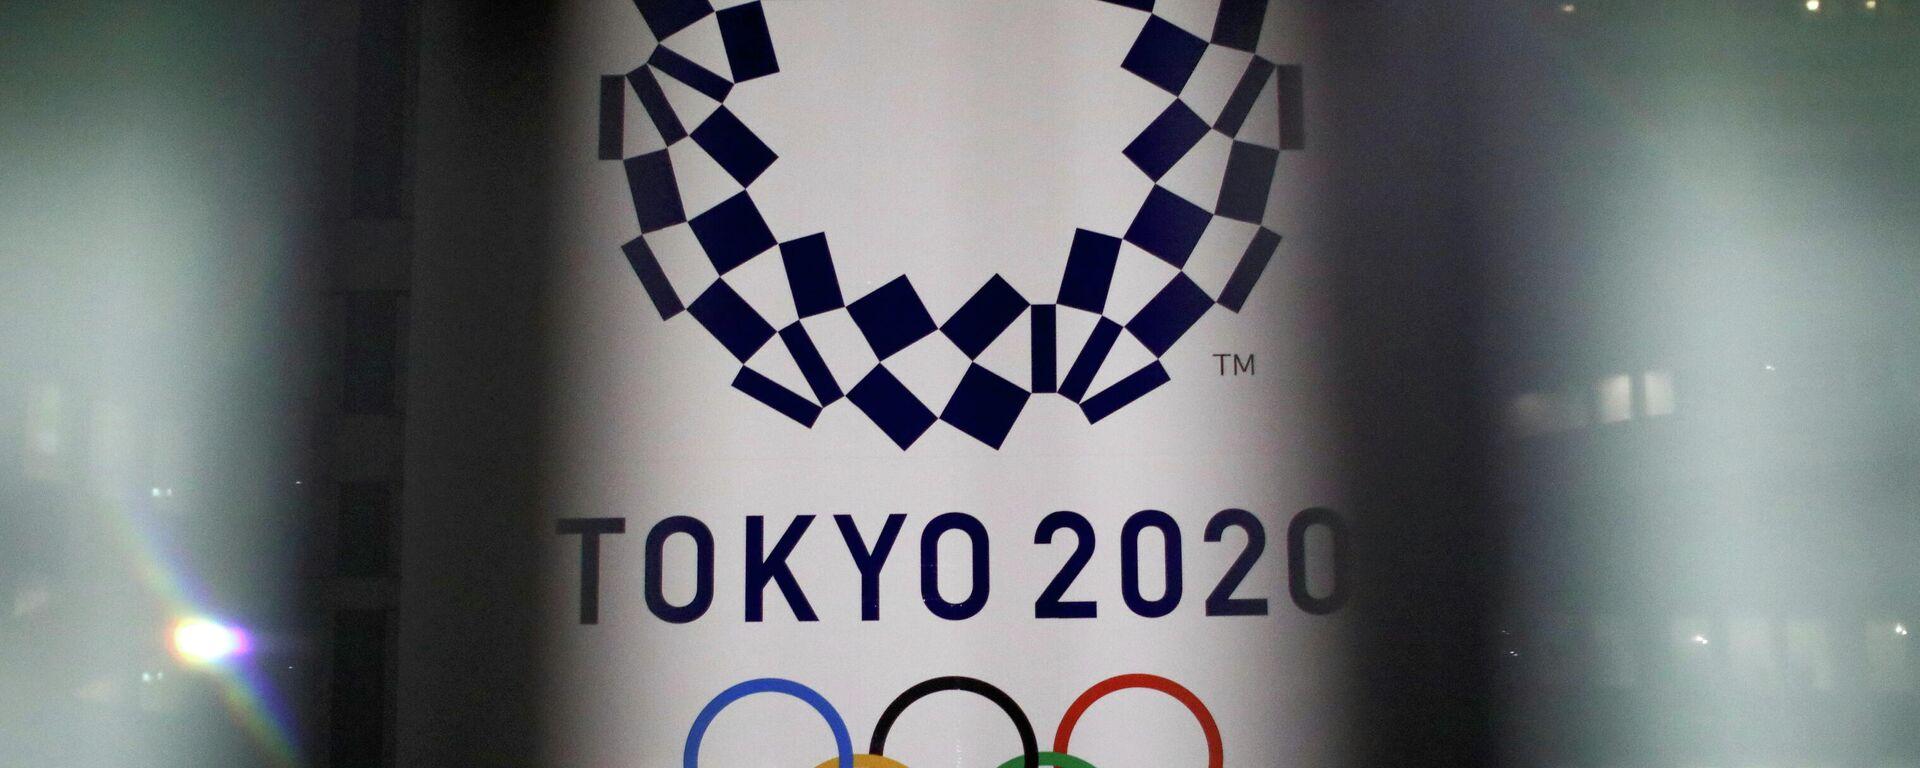 Logo de los Juegos Olímpicos de Tokio - Sputnik Mundo, 1920, 27.05.2021